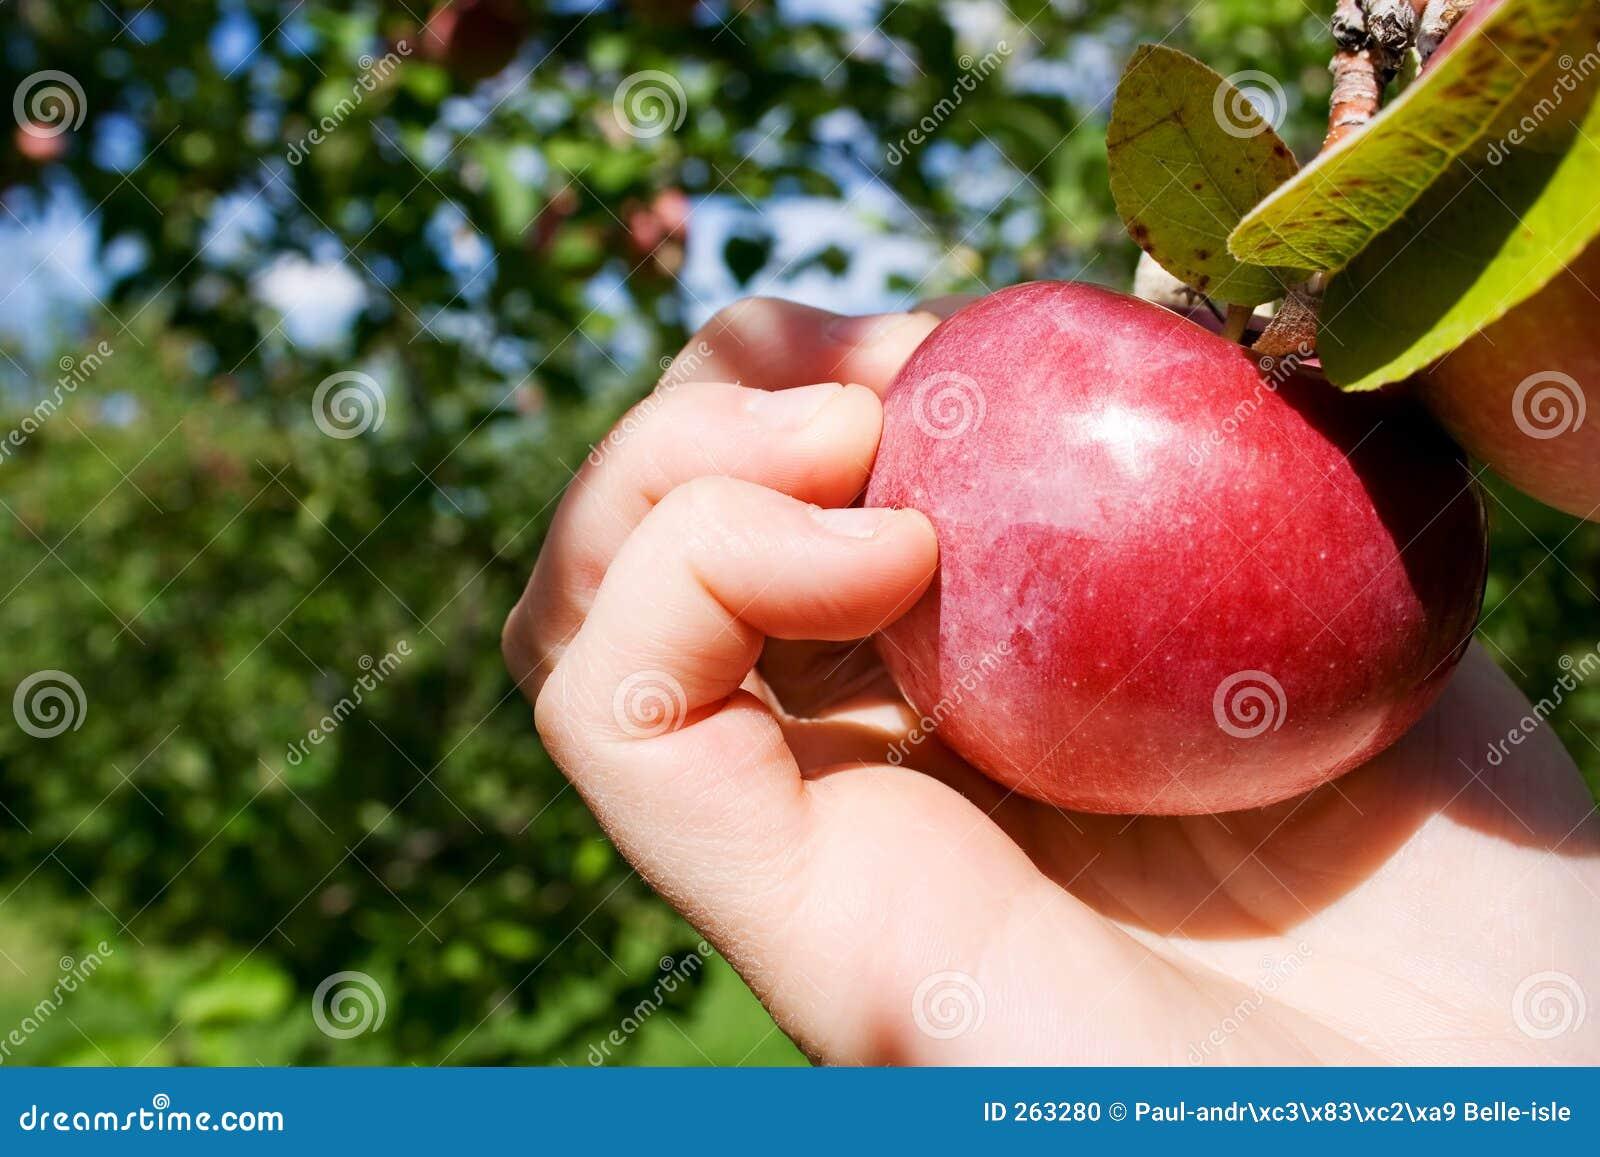 Het plukken Appel